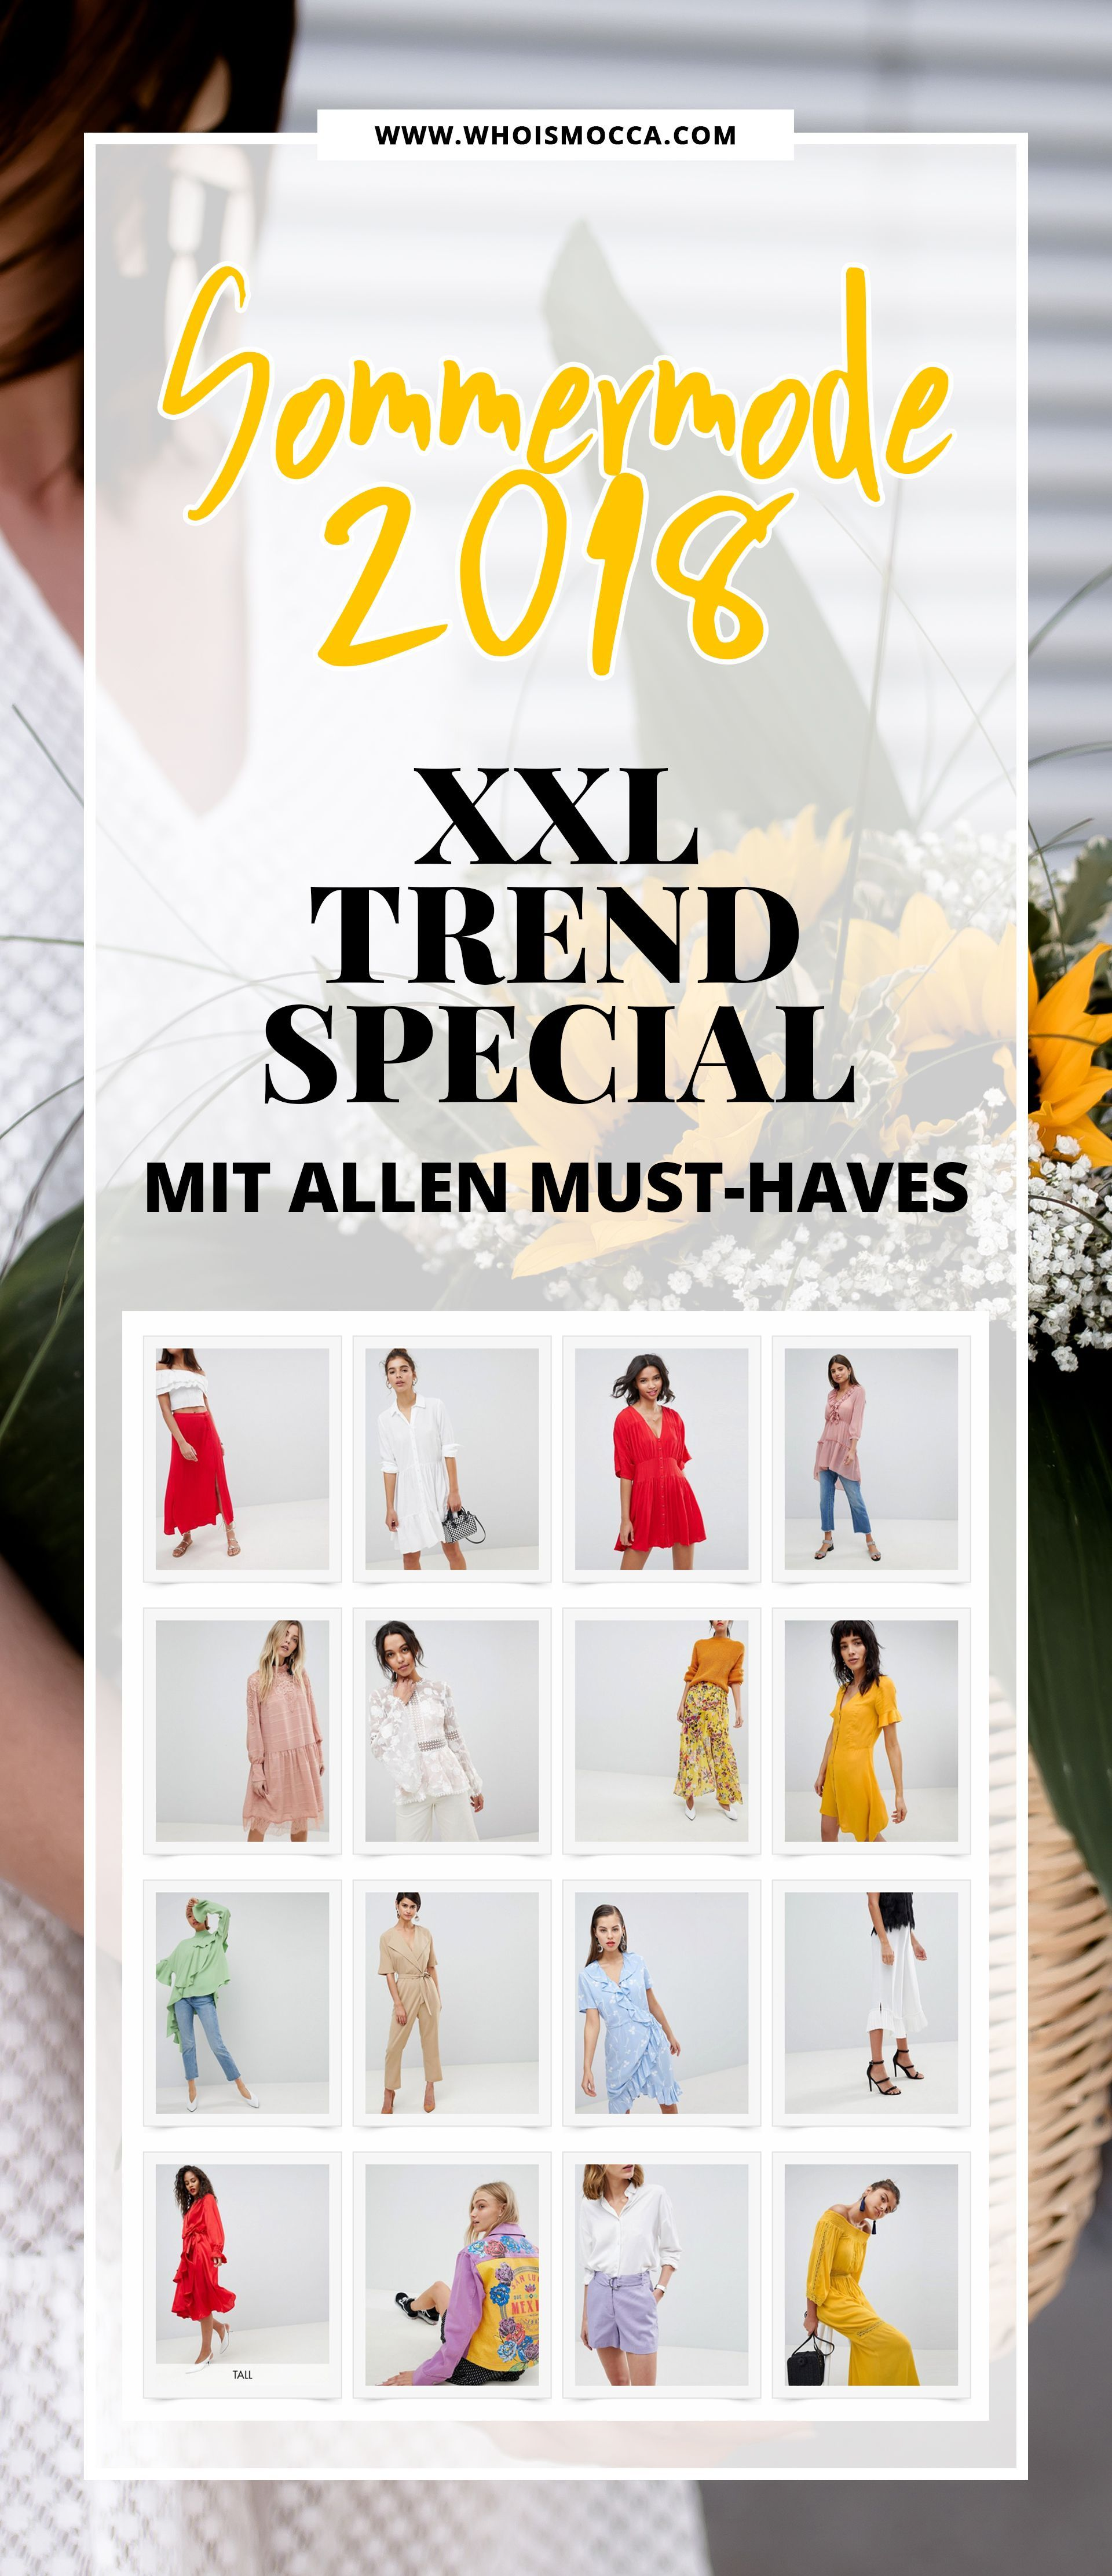 Sommermode 2018 Das Xxl Trend Special Mit Allen Must Haves Fur